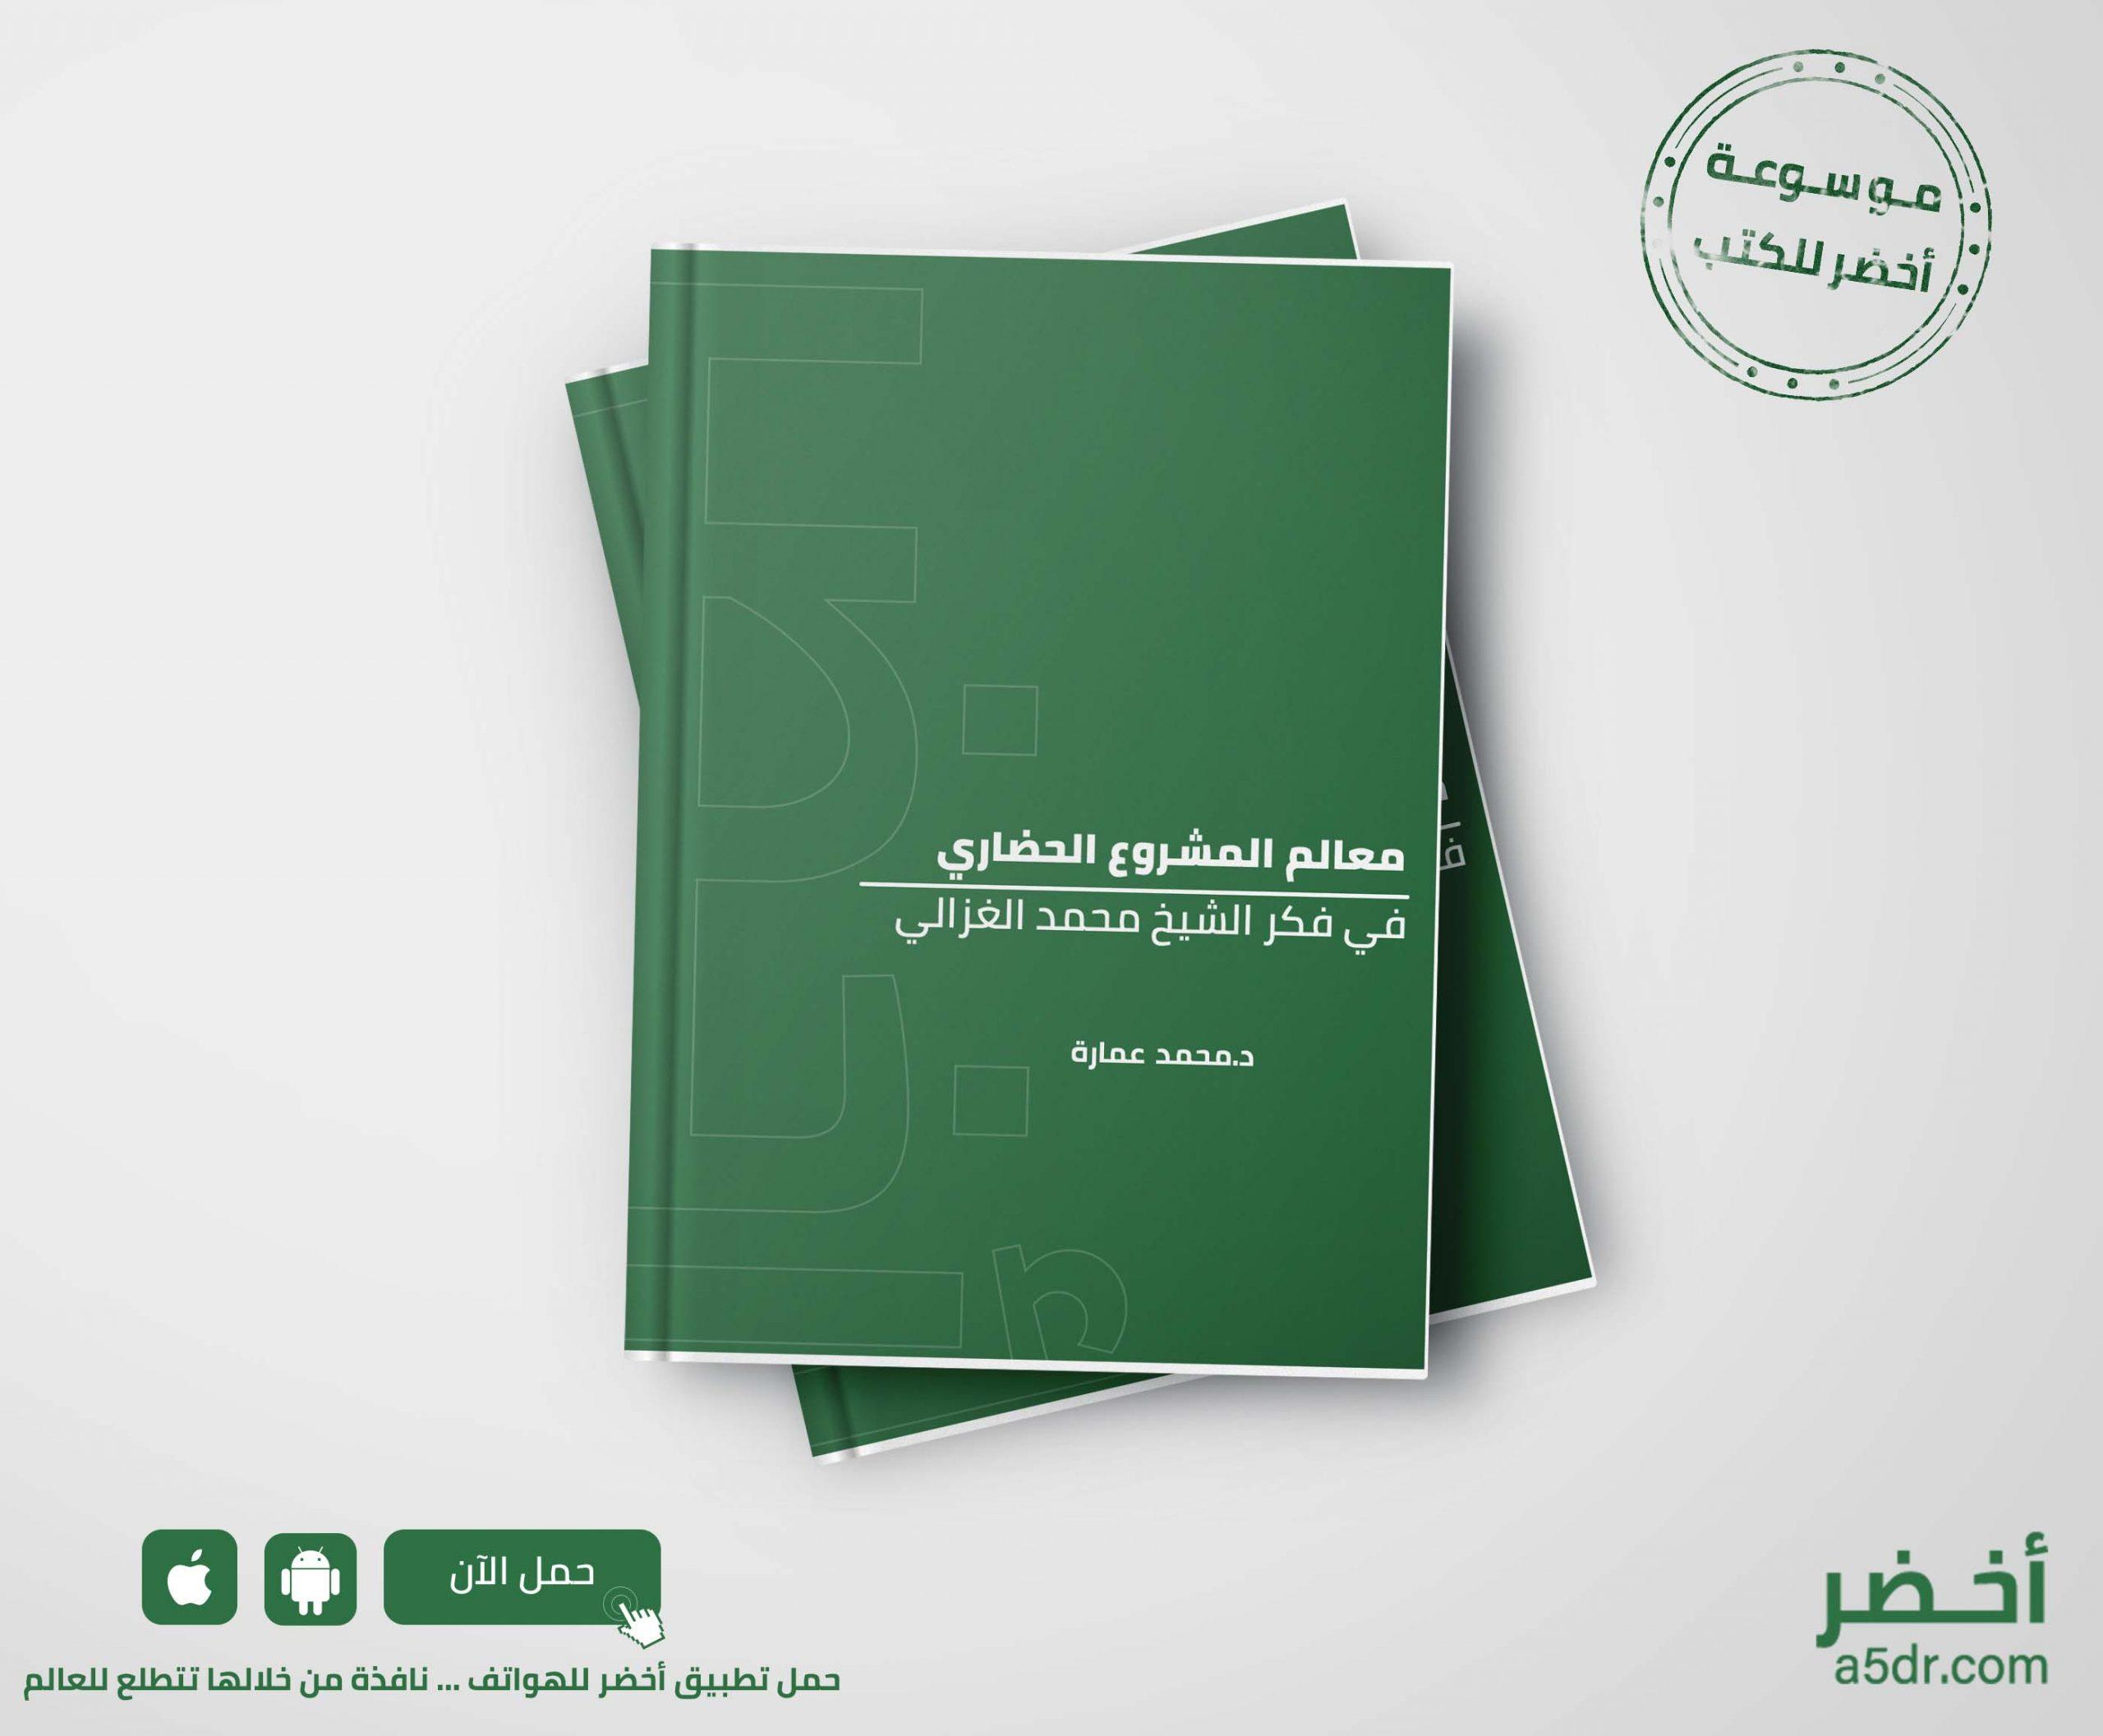 كتاب معالم المشروع الحضاري في فكر الشيخ محمد الغزالي - محمد عمارة